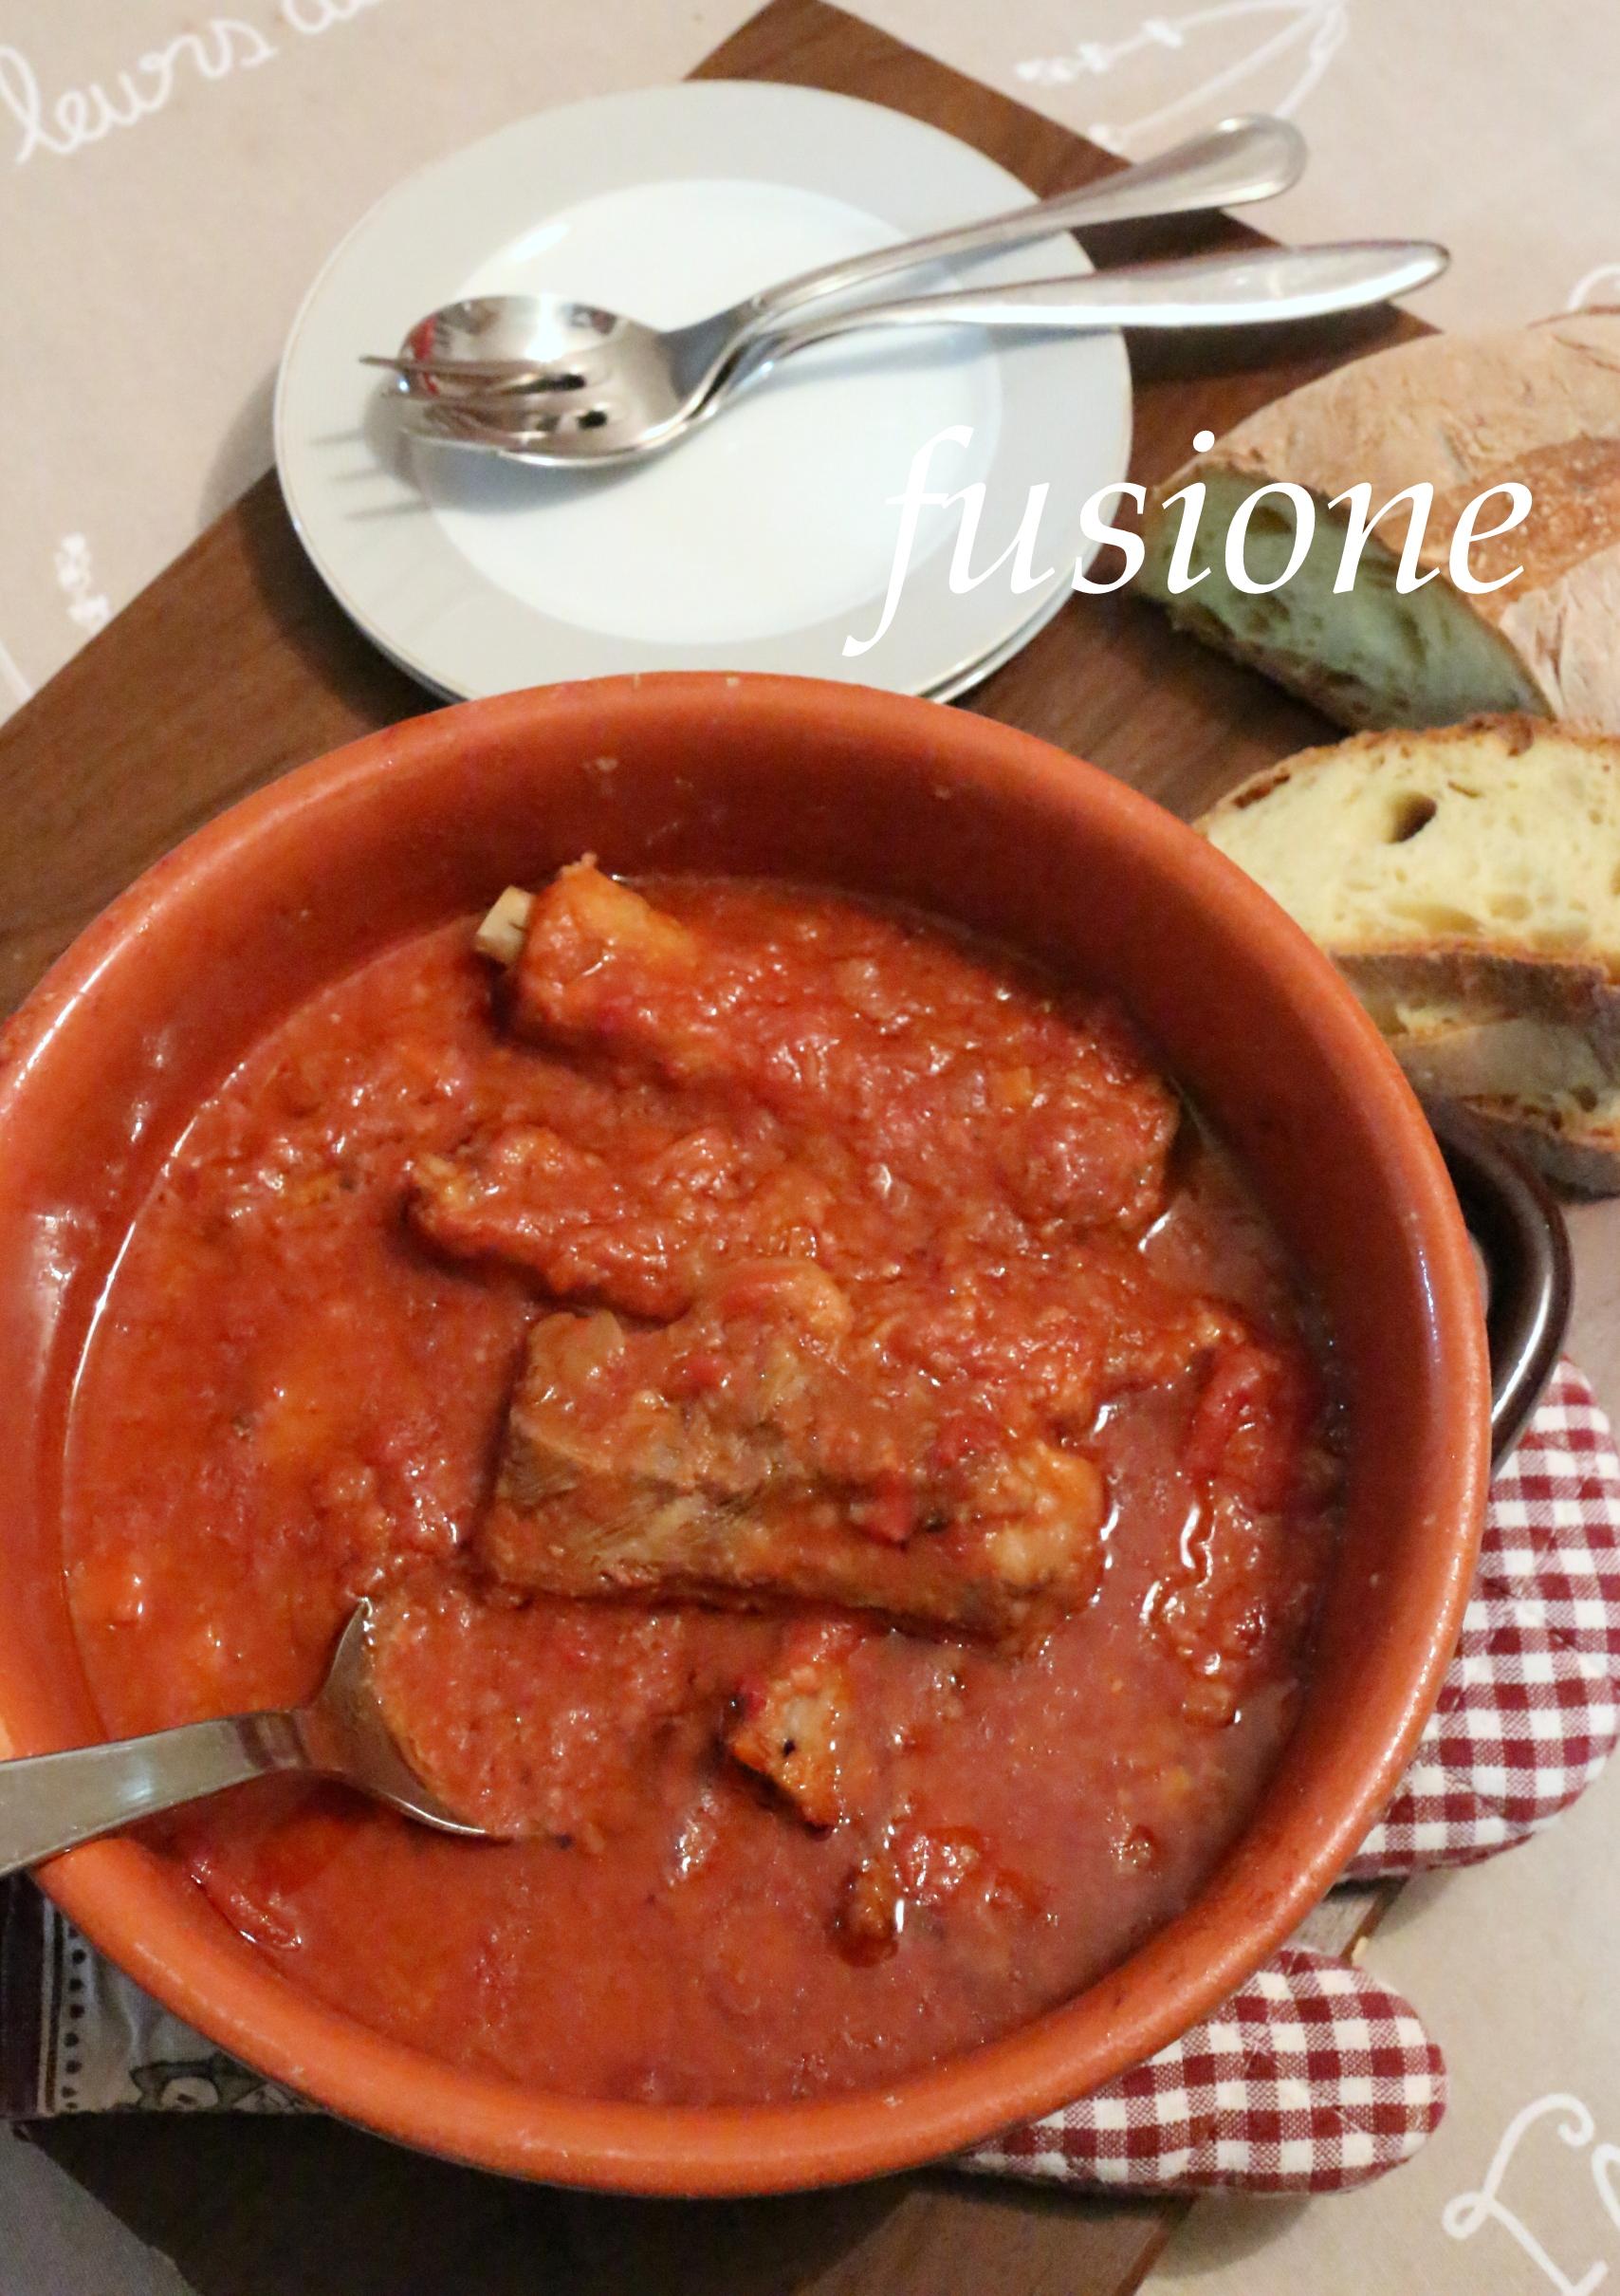 costine di maiale al sugo - ricetta tradizionale della cucina emiliana - Come Cucinare Le Puntine Di Maiale